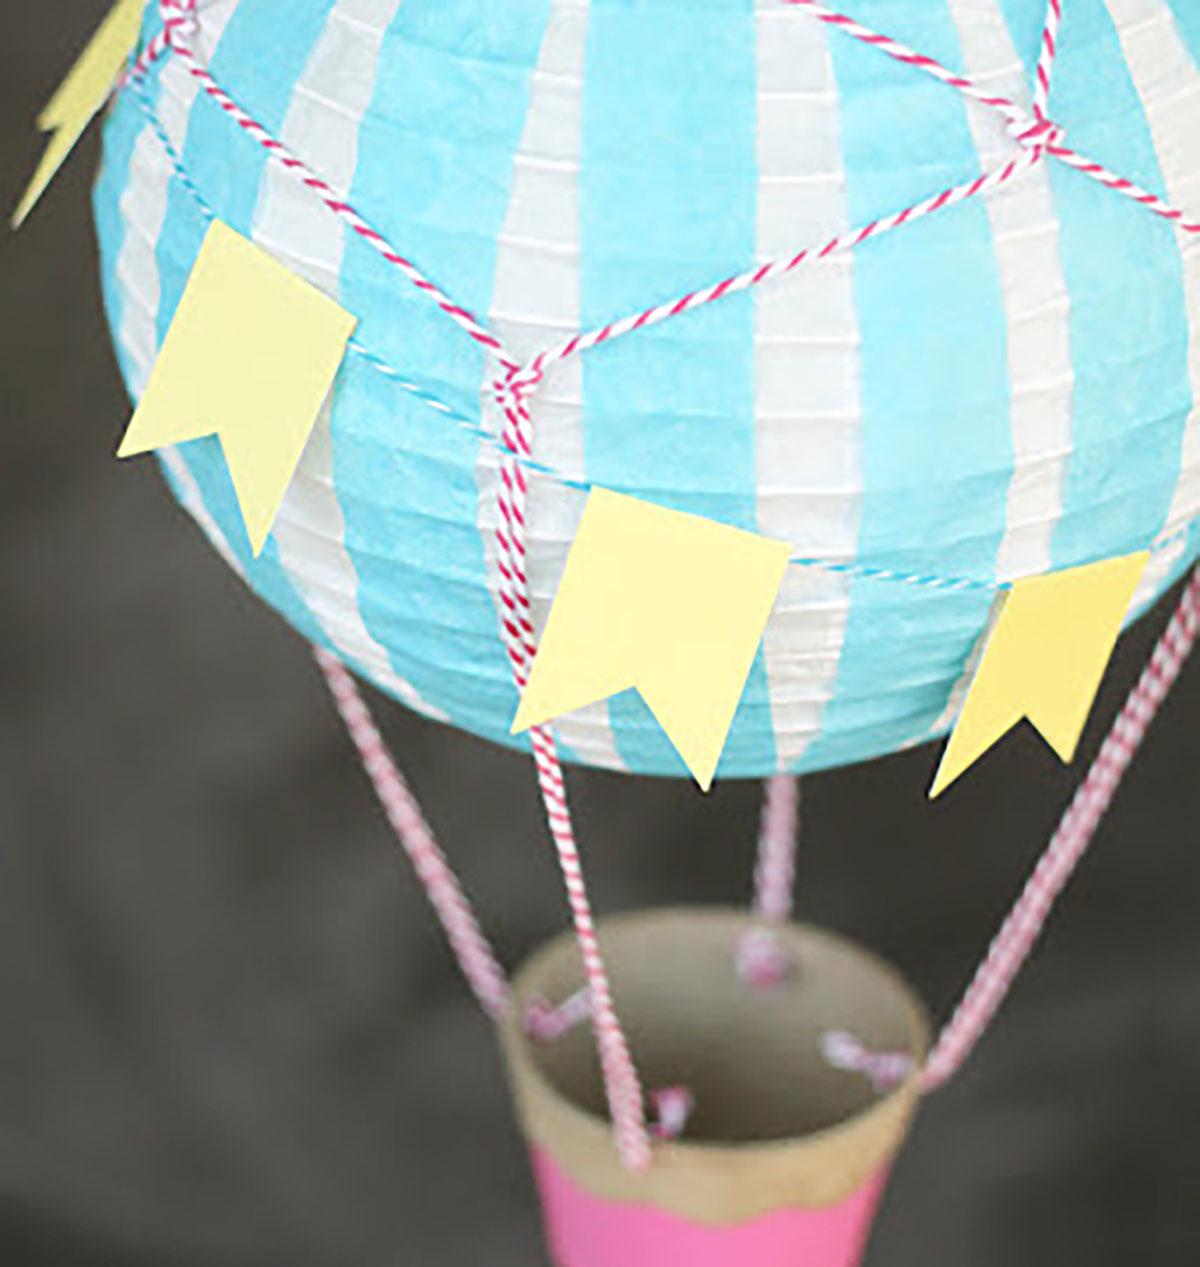 Φτιάξτε αερόστατο μαζί με τα παιδιά σας! -Thisisus.gr